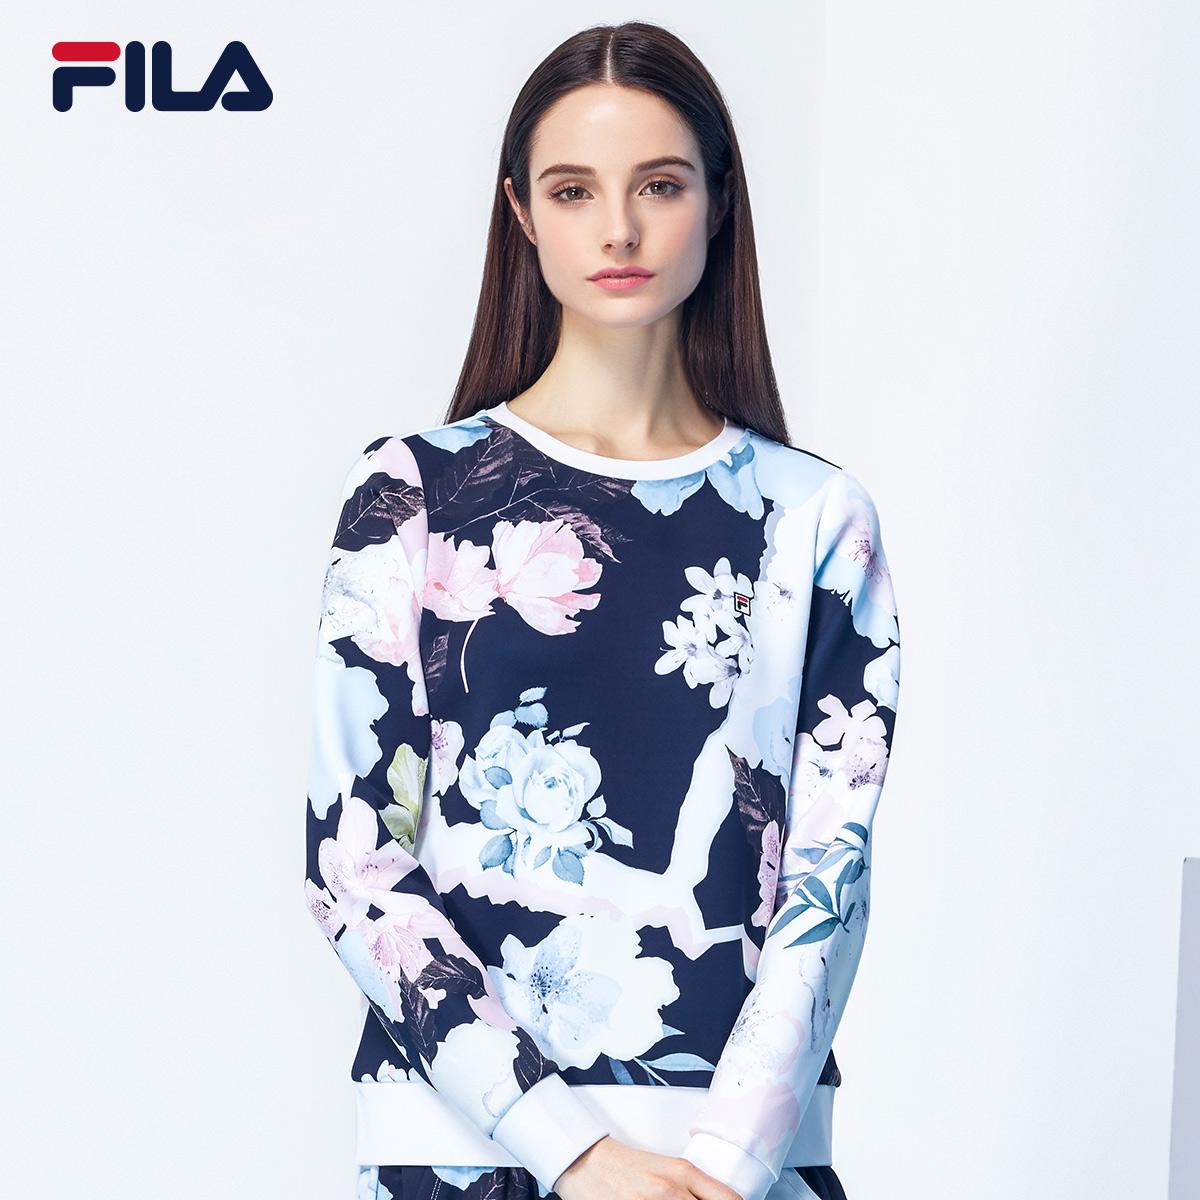 FILA斐乐女套头衫2018秋季简约大方时尚潮流休闲运动套头卫衣女